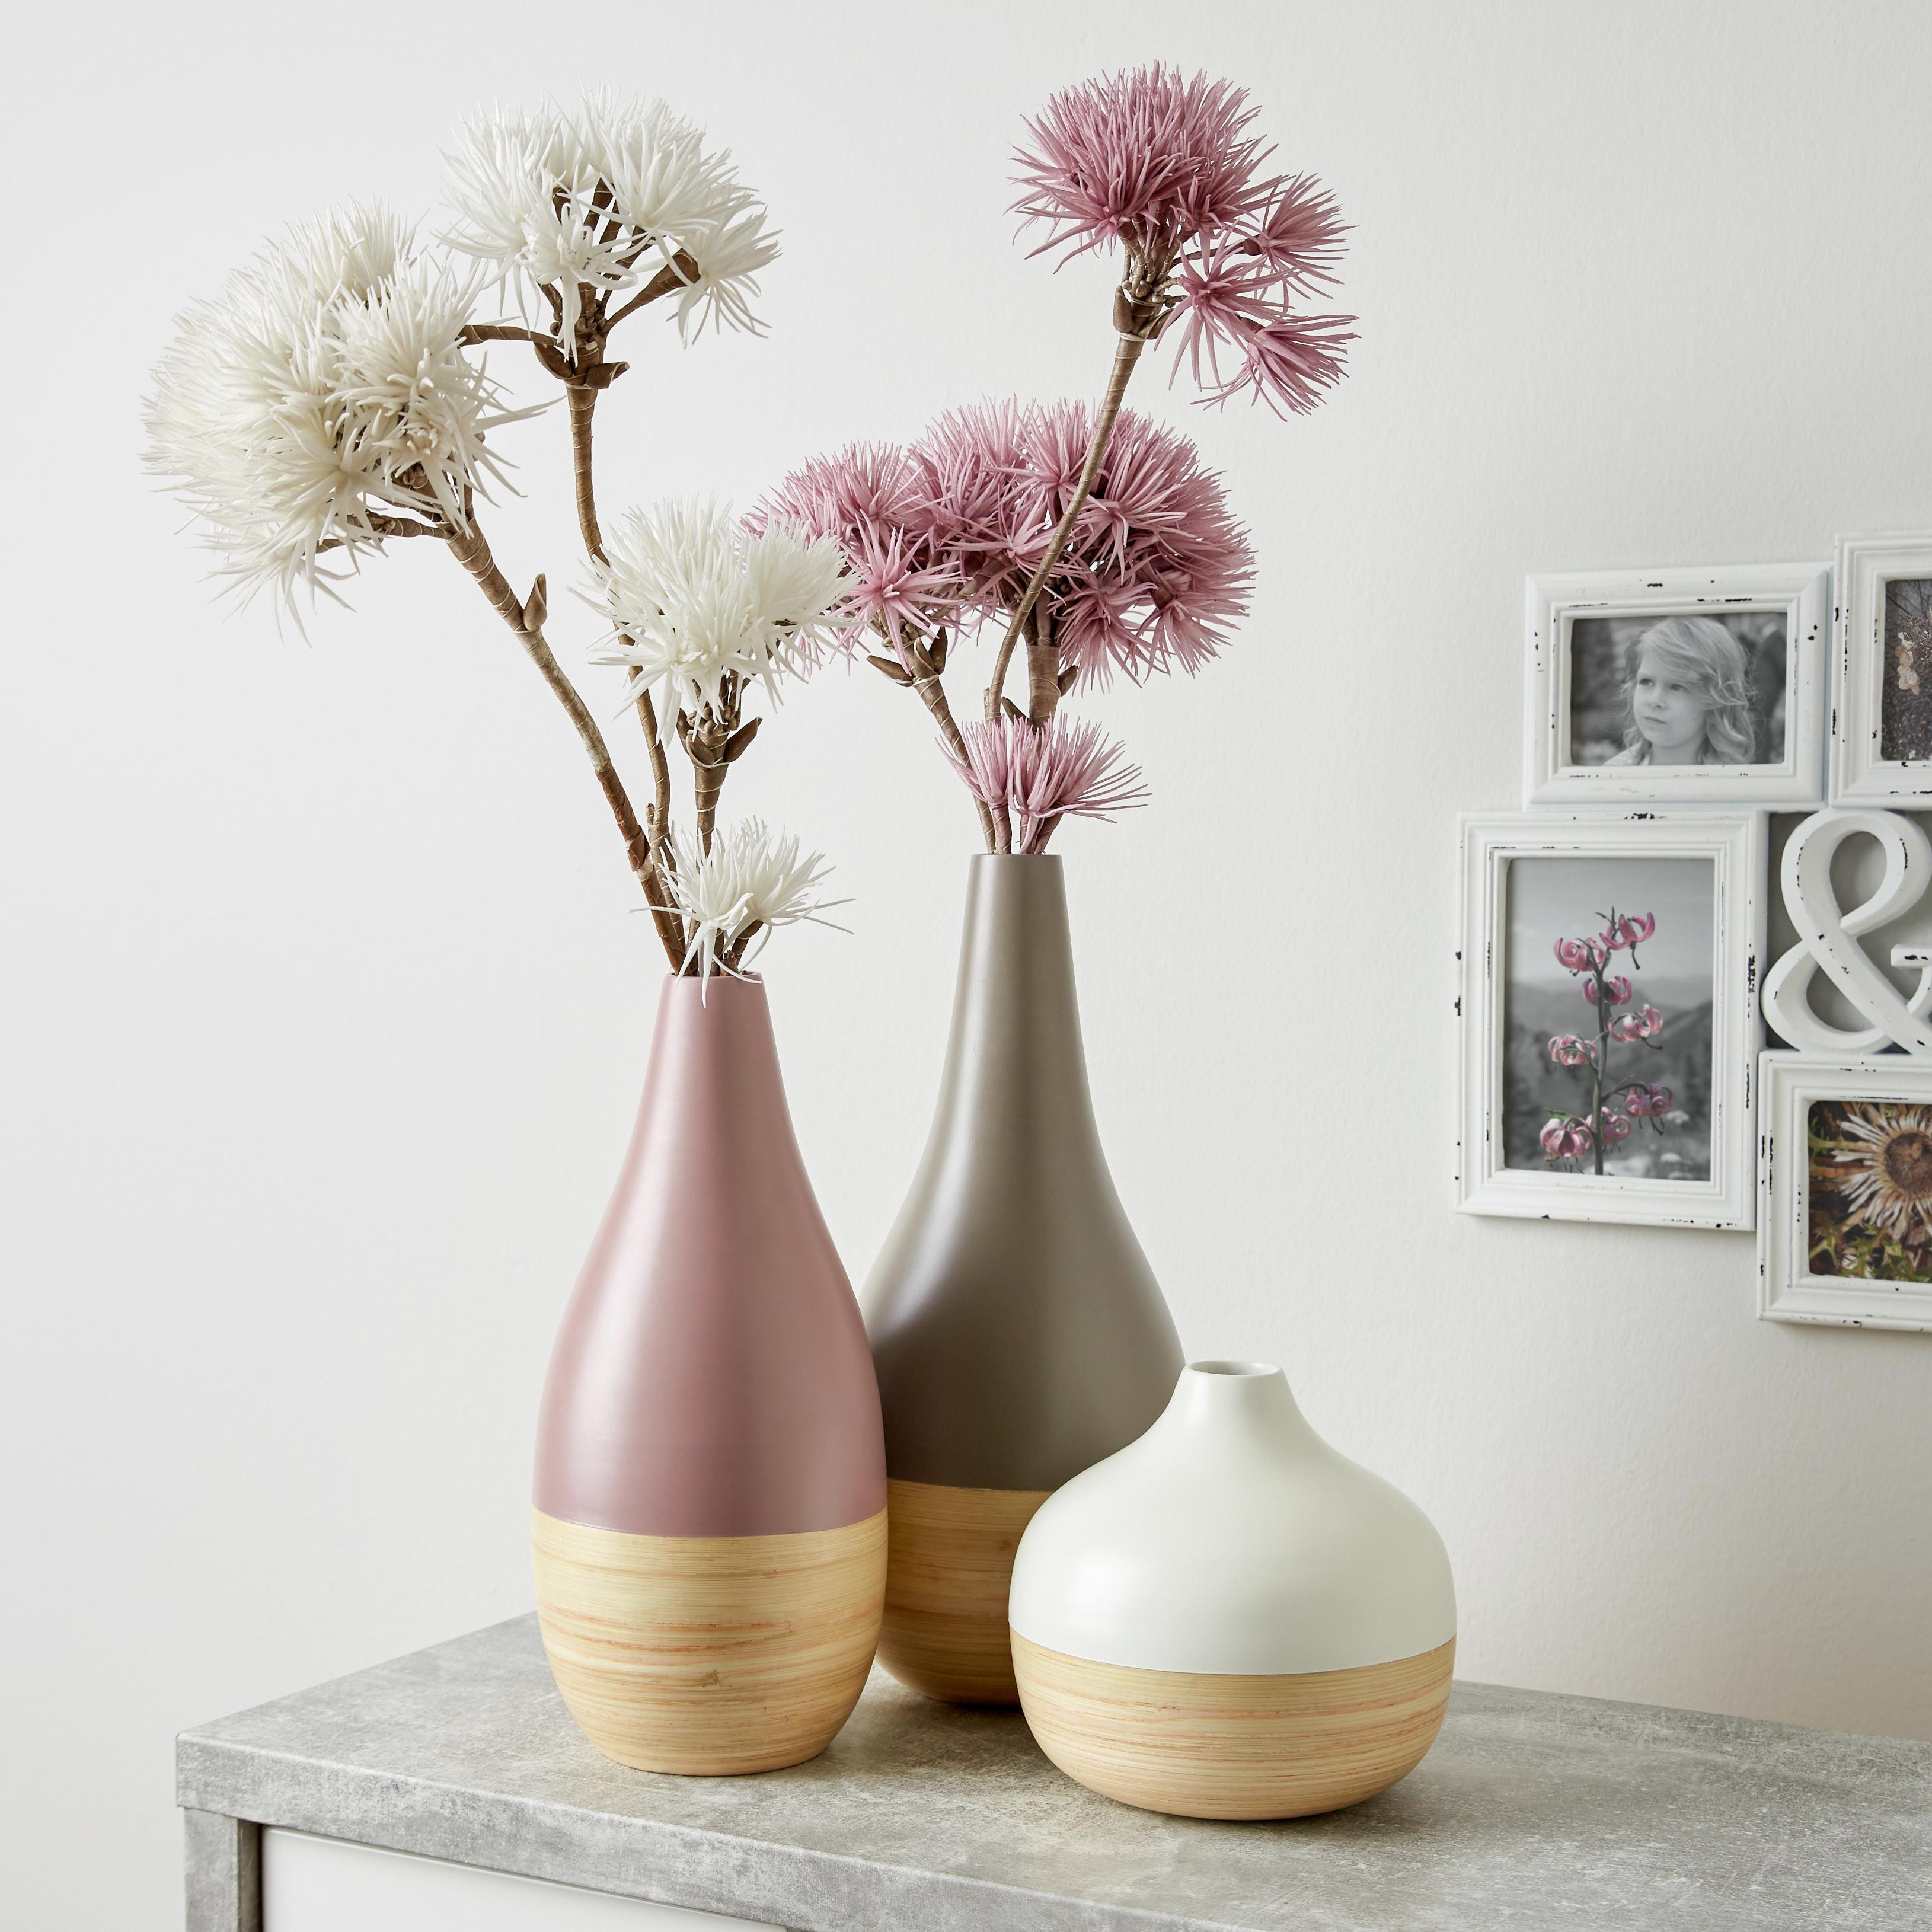 Váza Naturelle - natúr színek/fehér, fa (18/17cm) - MÖMAX modern living